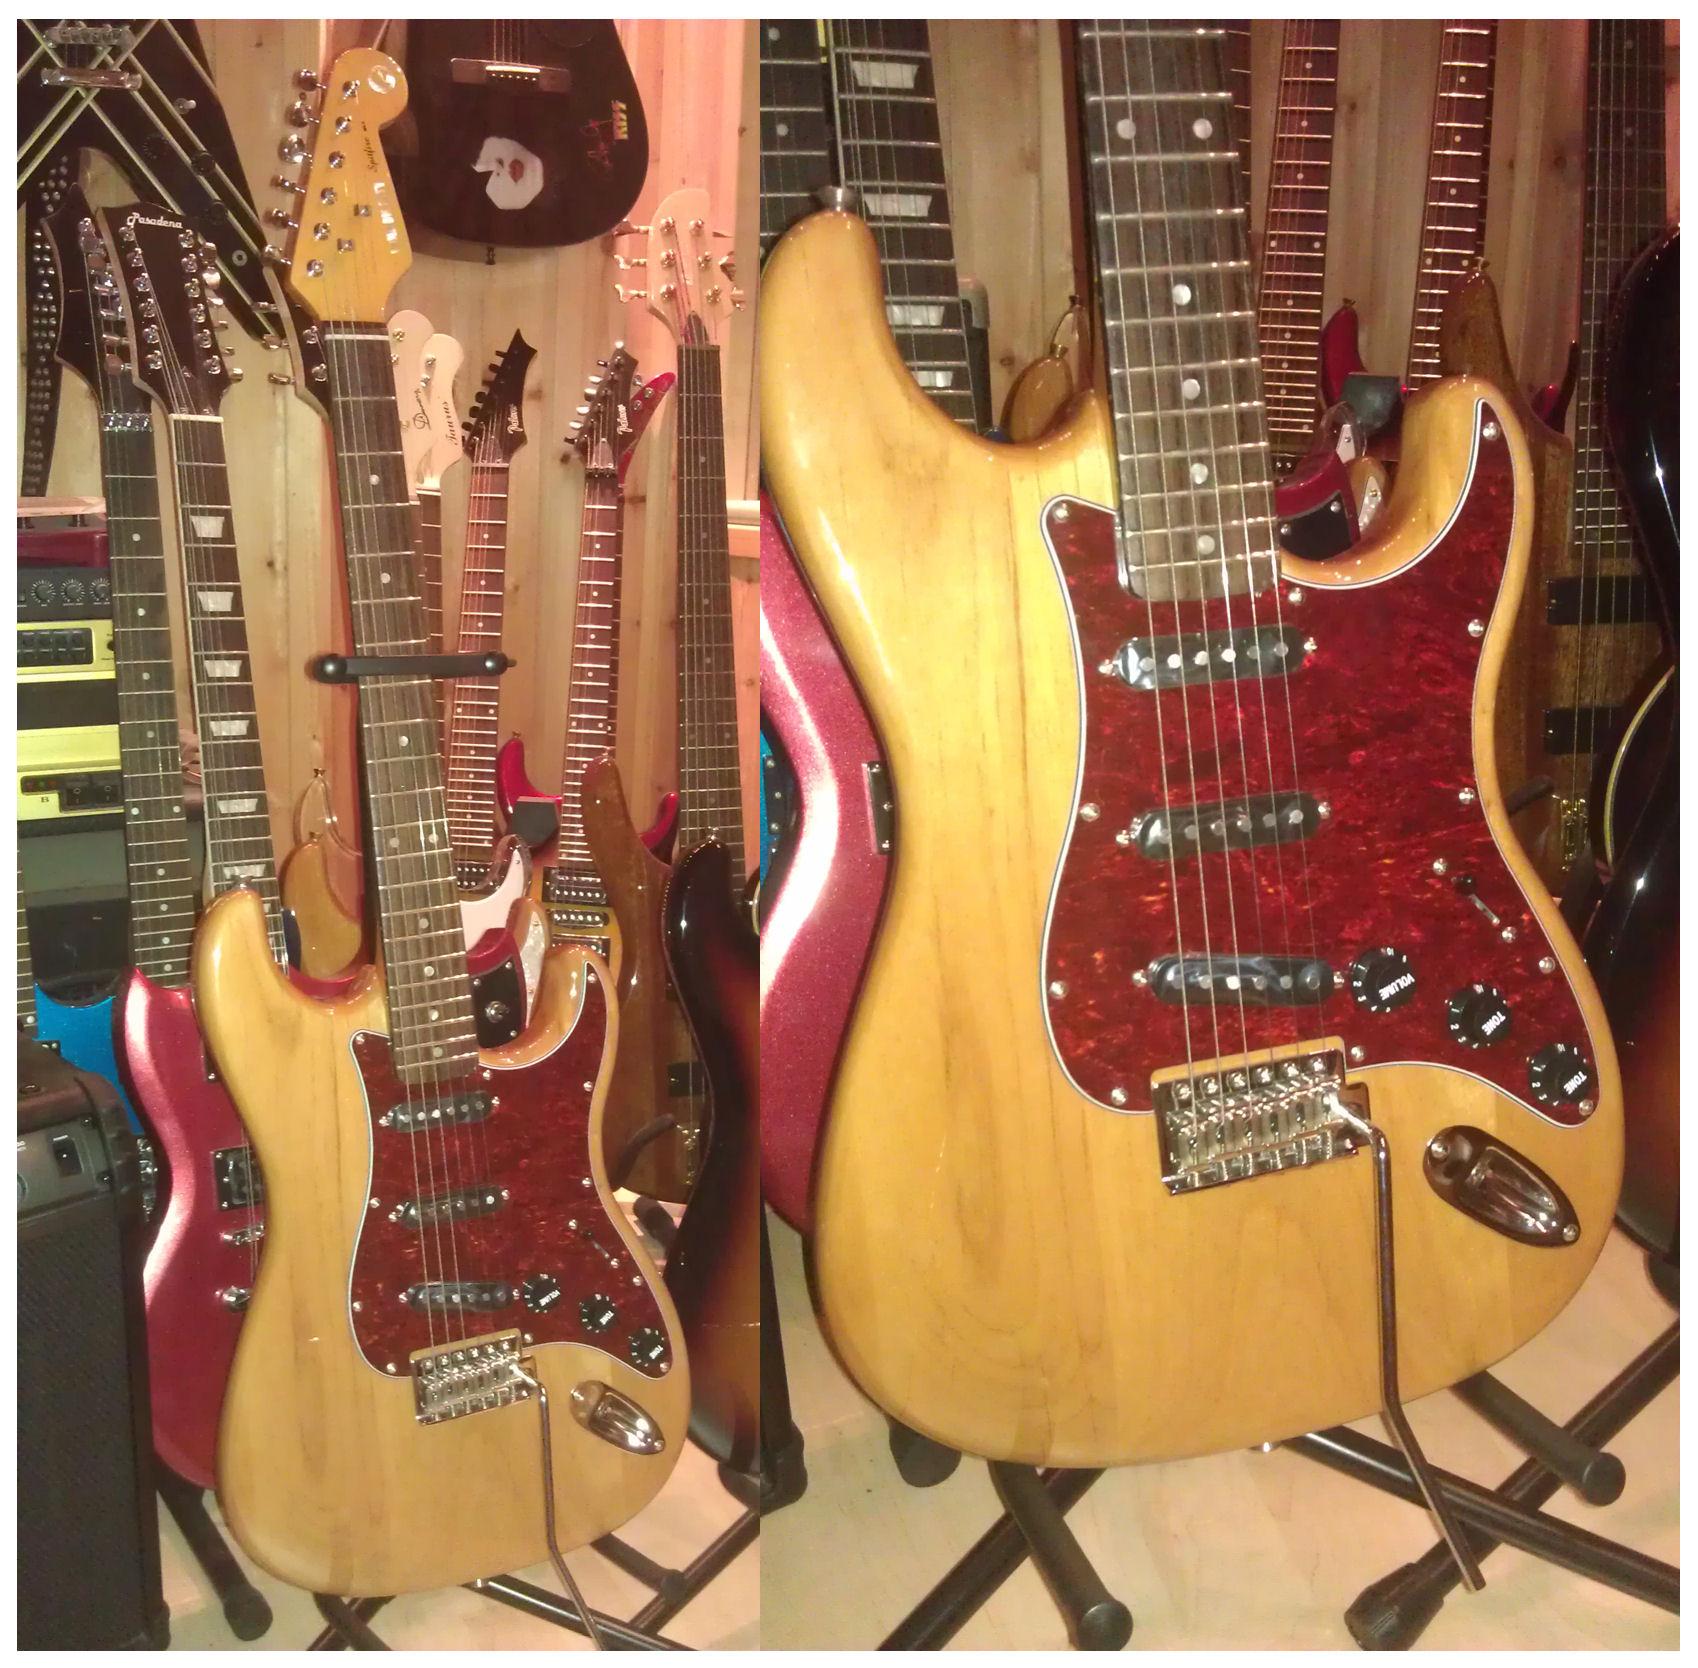 gitaar rood en.blauw